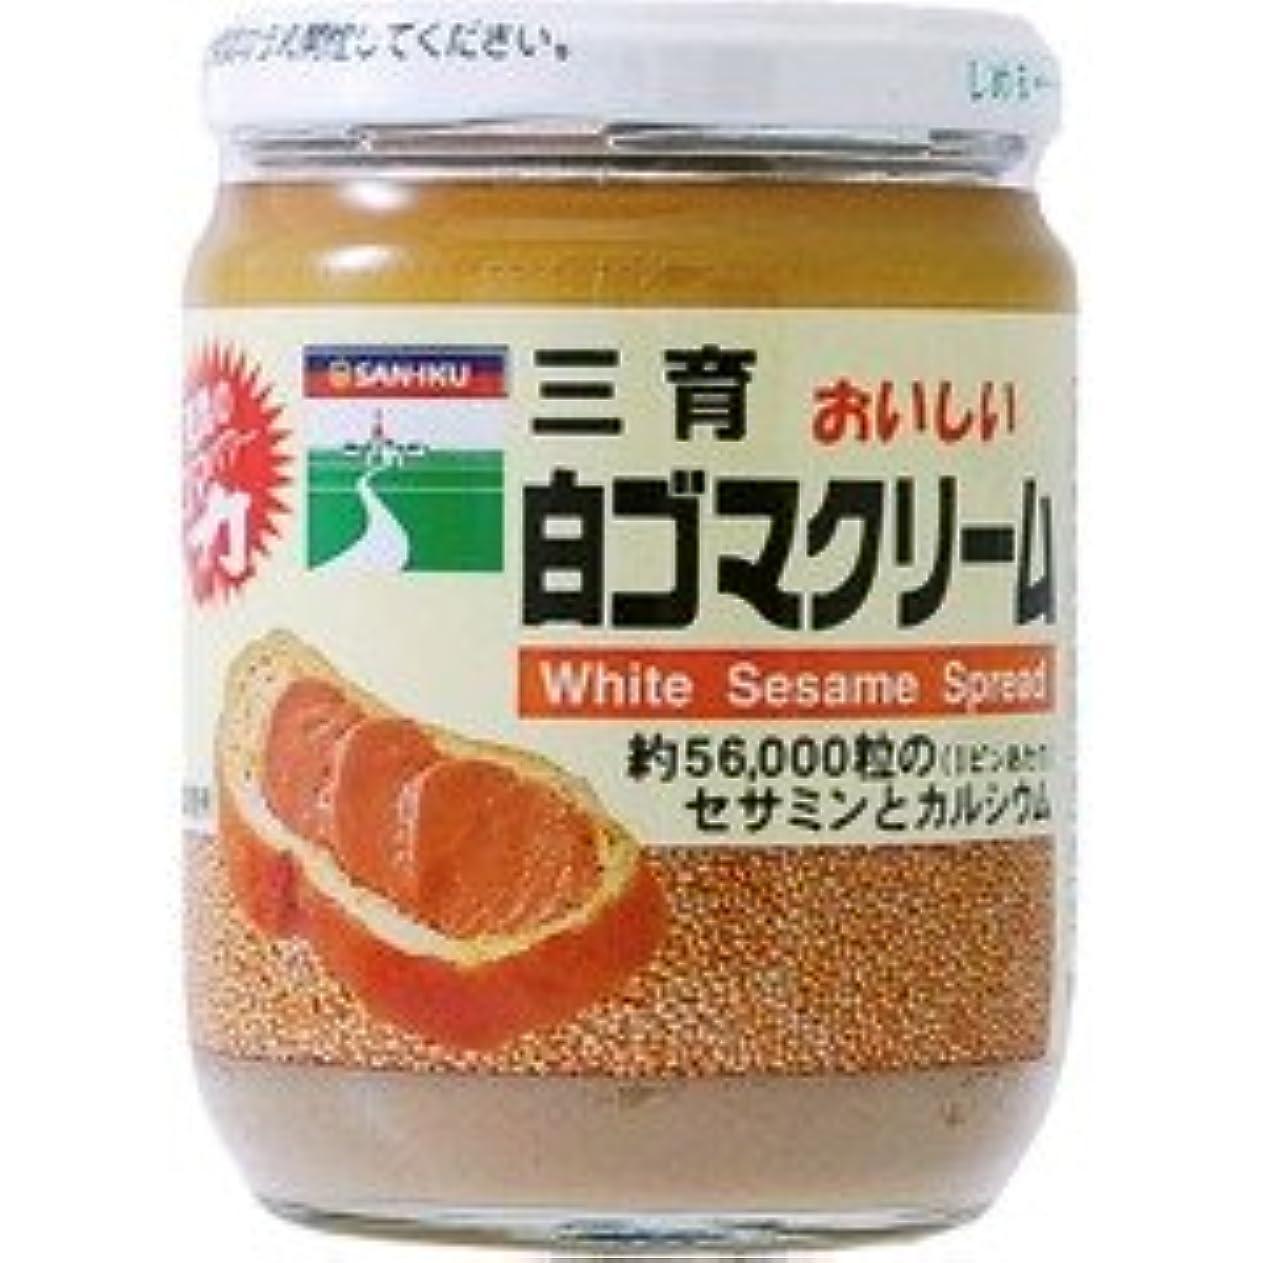 氏照らすバッチ〔ムソー/三育〕白ゴマクリーム190g 6セット